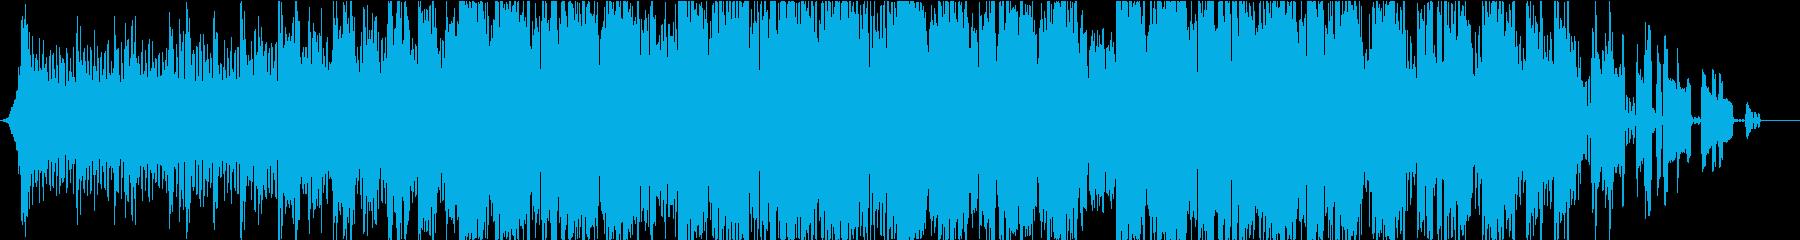 エレクトロ 交響曲 ダブステップ ...の再生済みの波形